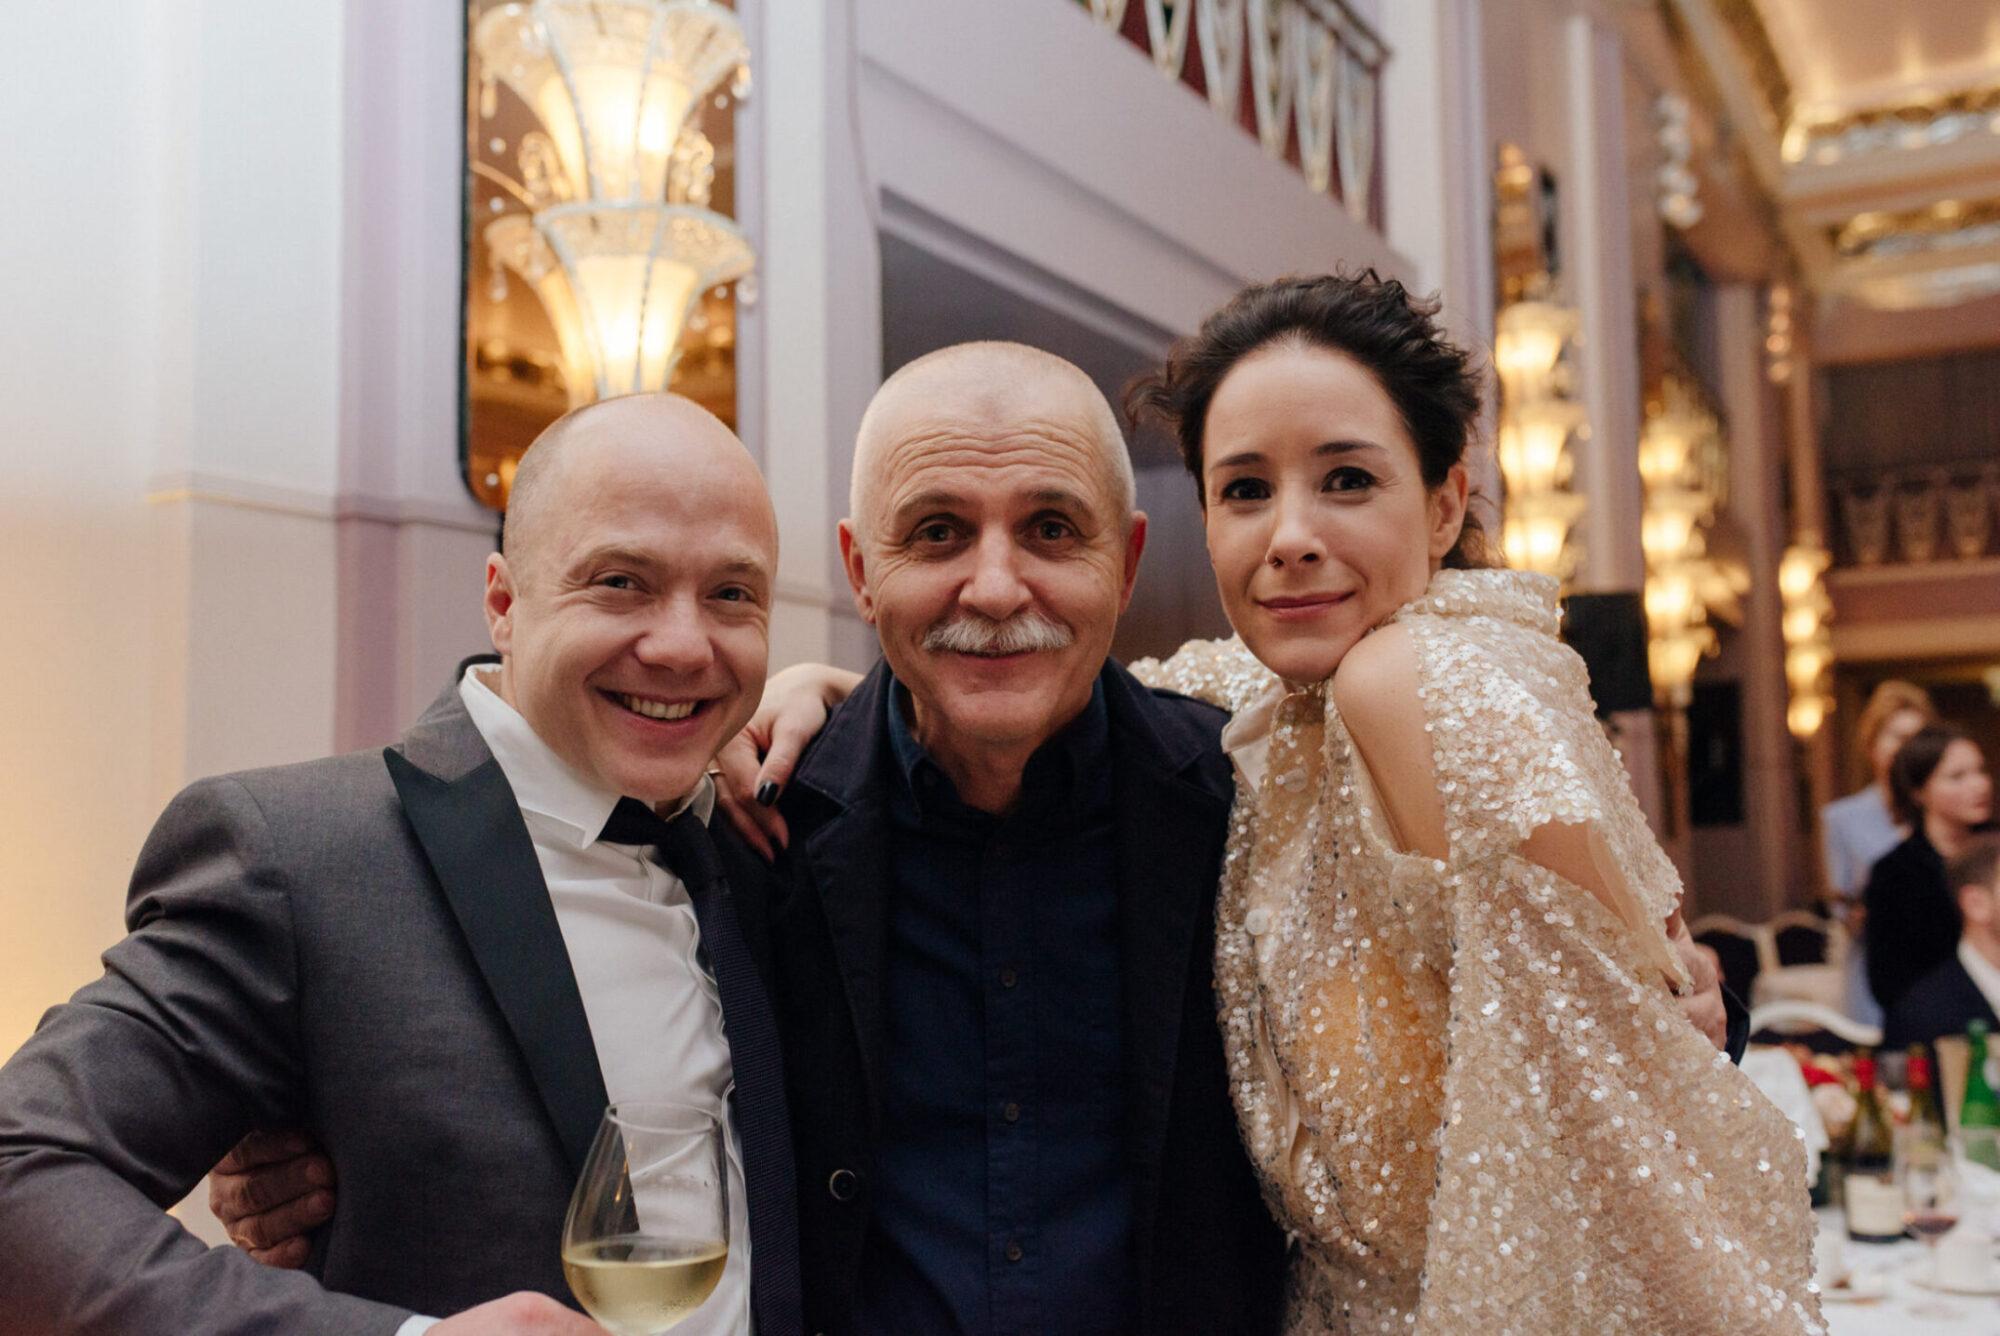 Yevgeni Stychkin, Olga Sutulova, Aleksandr Nosovsky / Photo: Olga Kotilevskaya